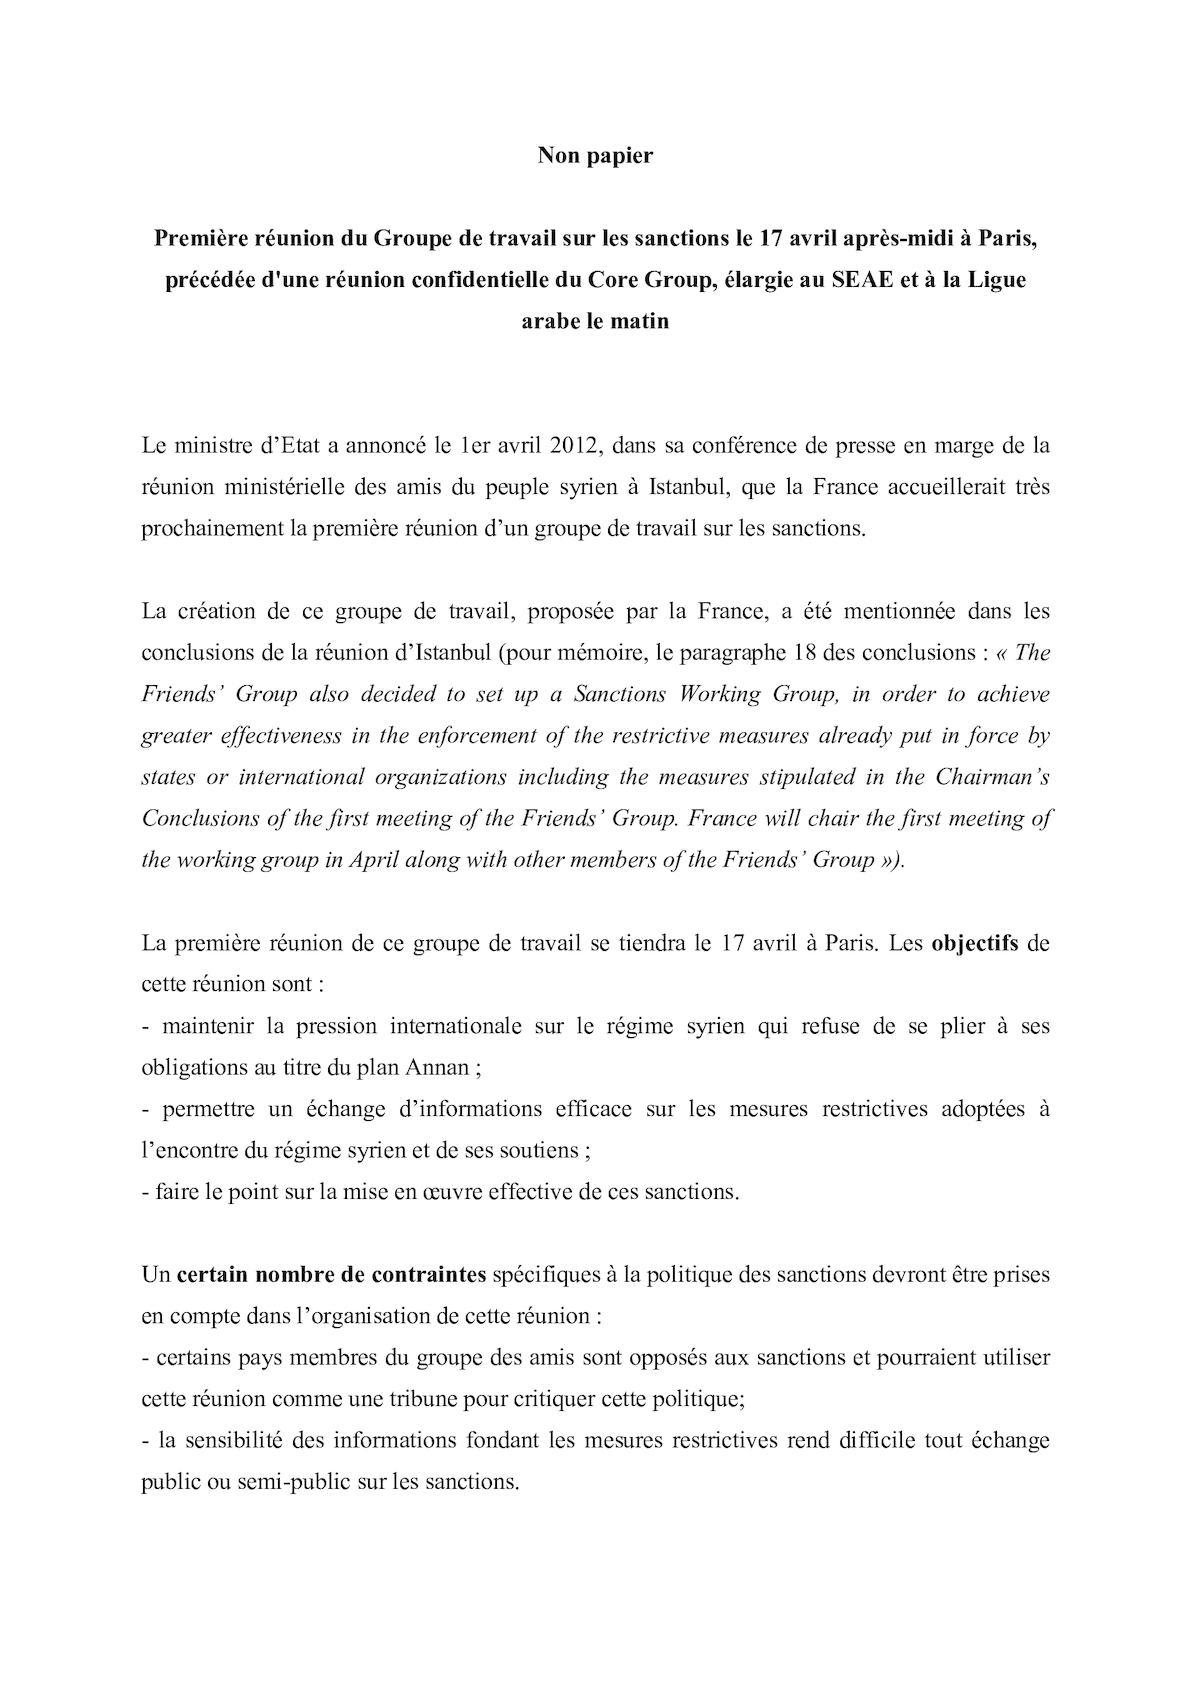 120411 Non Papier Groupe De Travail Sanctions Syrie